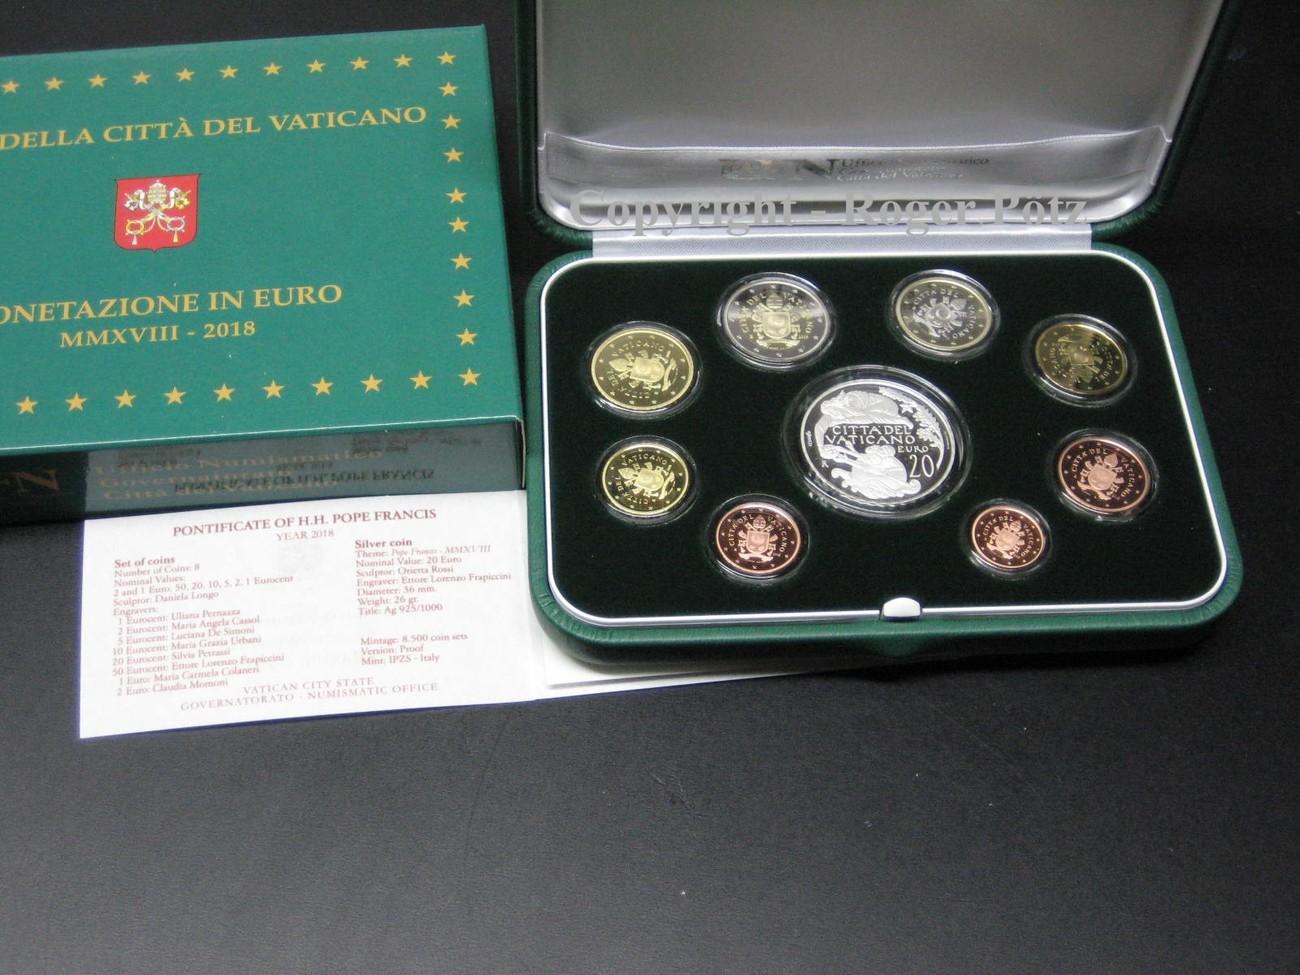 2388 Euro 2018 Vatikan 2388 Euro Kms 2018 Kursmünzensatz Pp Mit 20